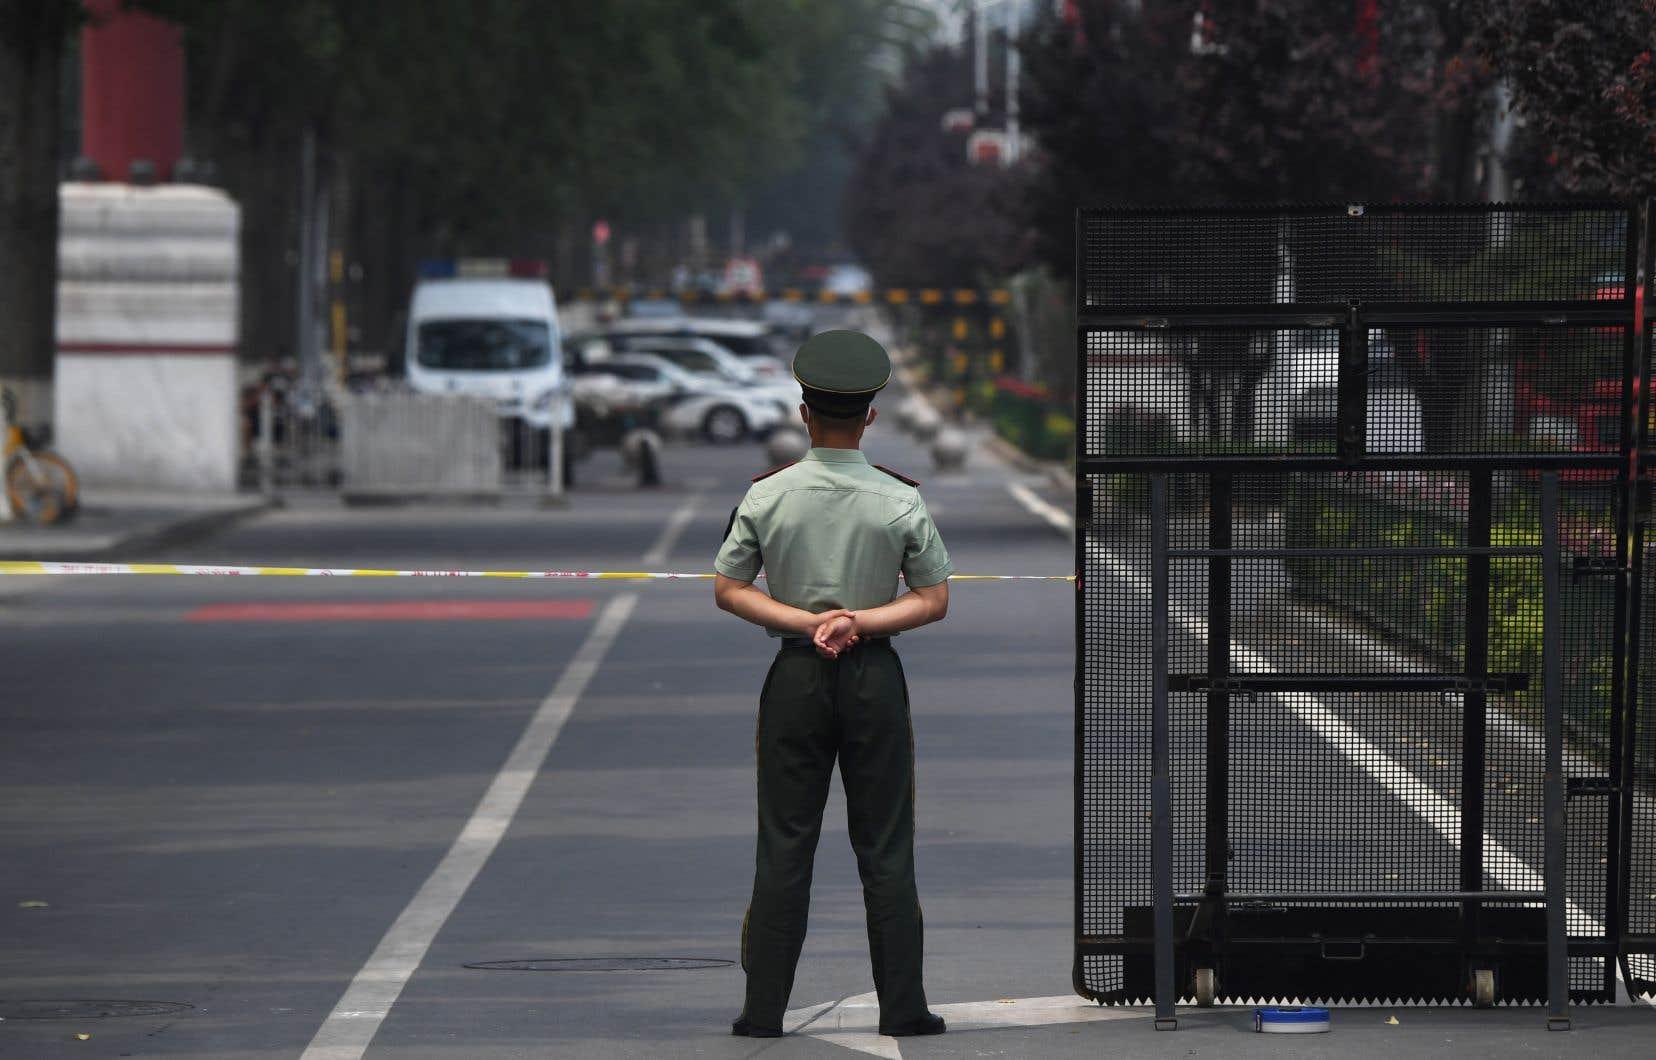 Le marché Xinfadi, dans le district de Fengtai, dans le sud de Pékin, a été fermé, après avoir été relié à la plupart des contaminations.